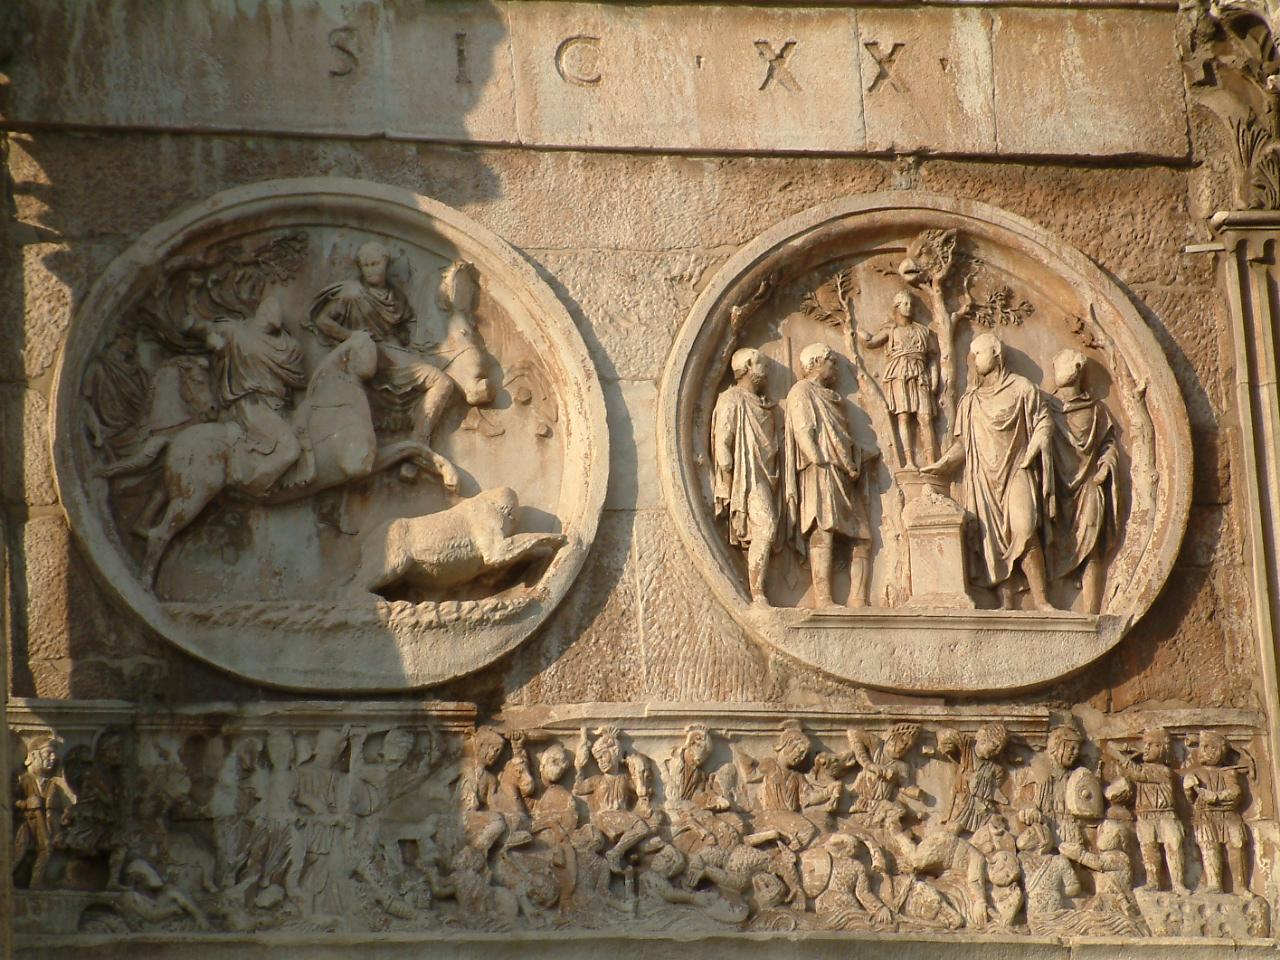 http://upload.wikimedia.org/wikipedia/commons/6/66/Luk_Konstantyna_6DSCF0032.JPG